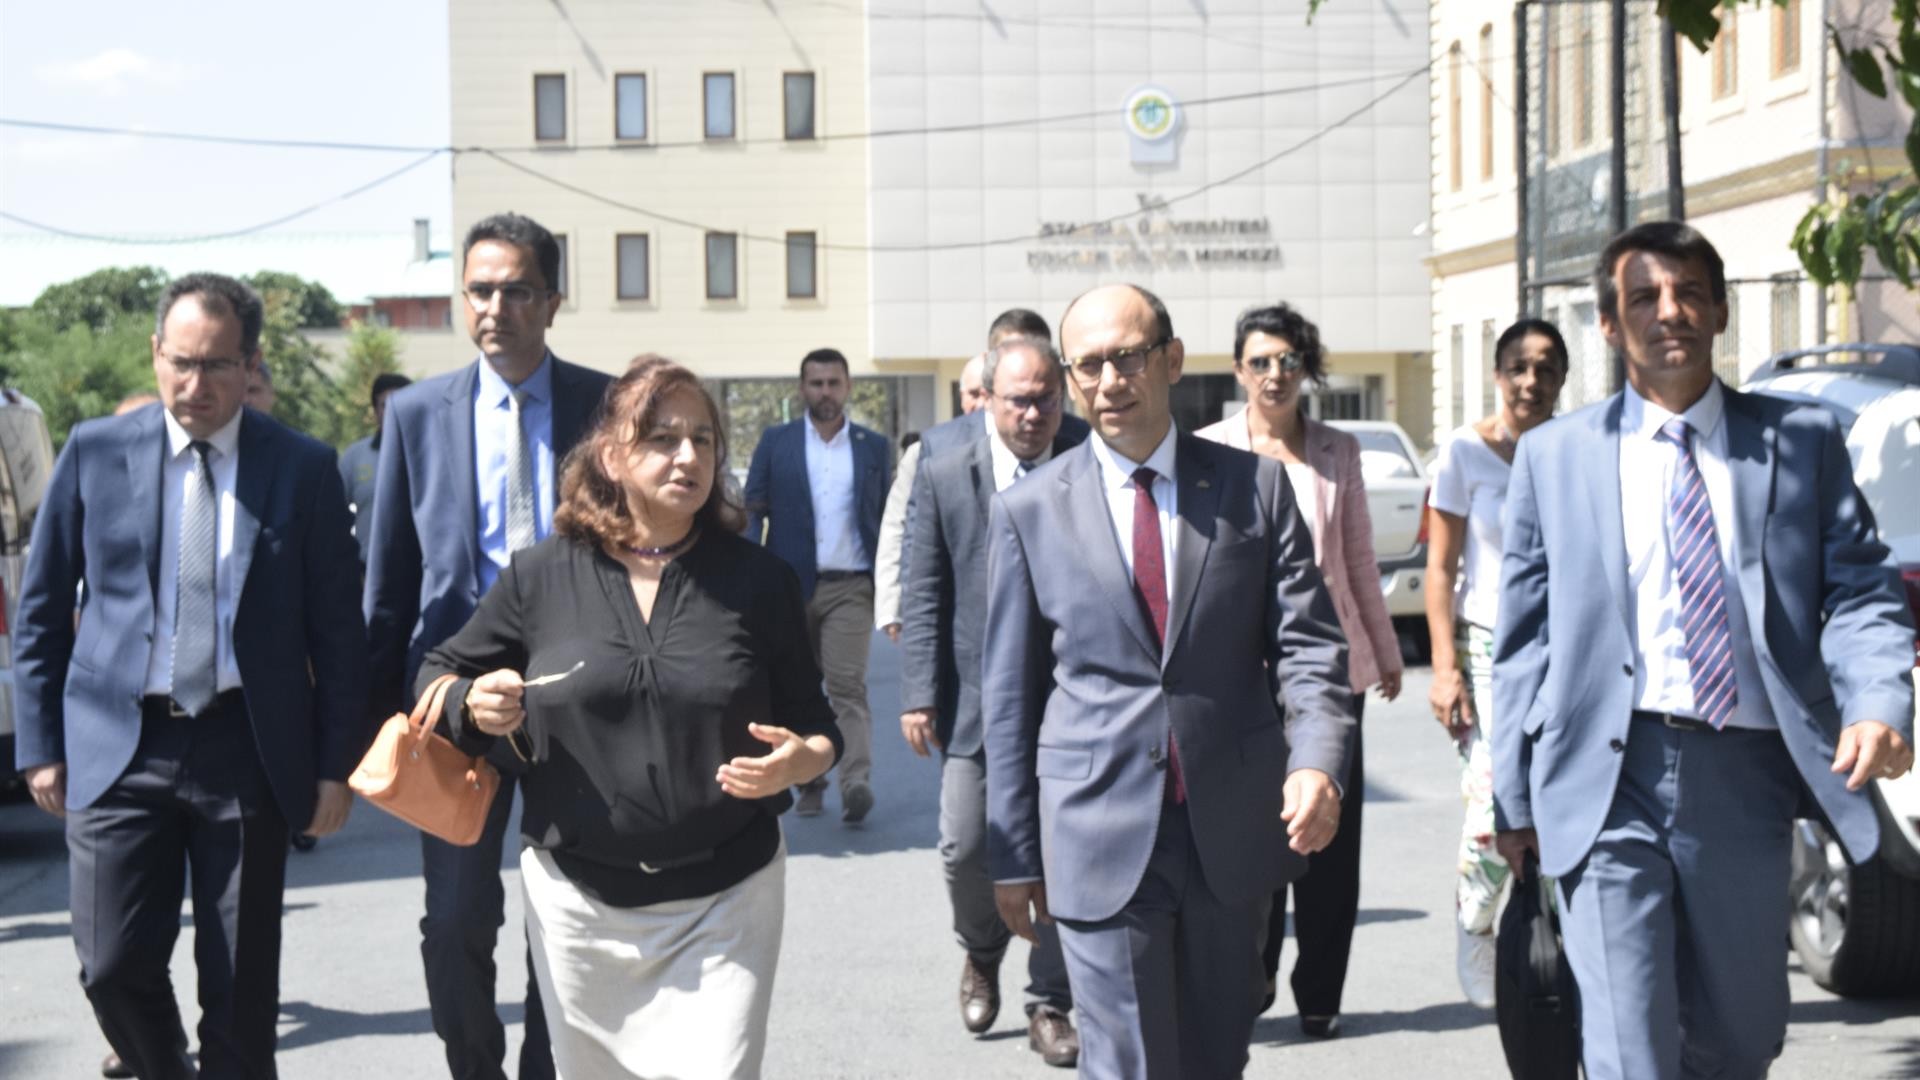 İstanbul-Üniversitesi-Cerrahpaşa-Rektörü-Prof.-Dr.-Nuri-Aydın -Hasan-Ali-Yücel-Eğitim-Fakültesi'nde-İncelemelerde-Bulundu